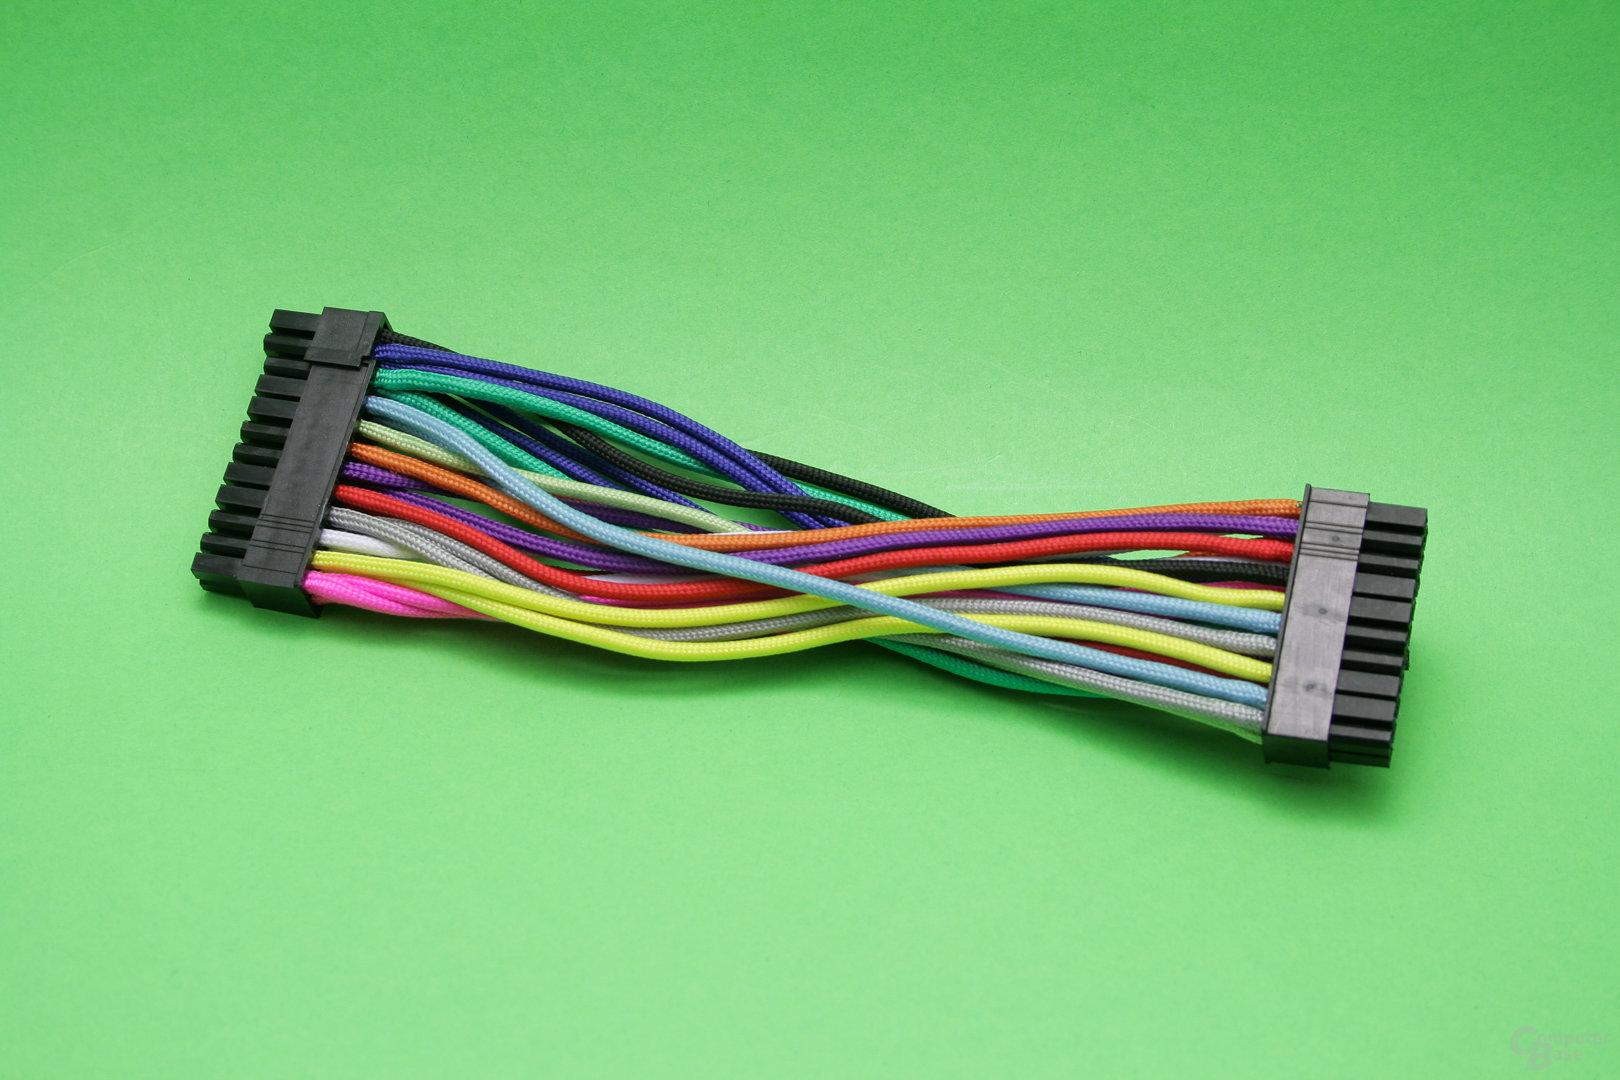 Kabel Modding Sleeves Von Cablemod Im Vergleich Zum Eigenbau